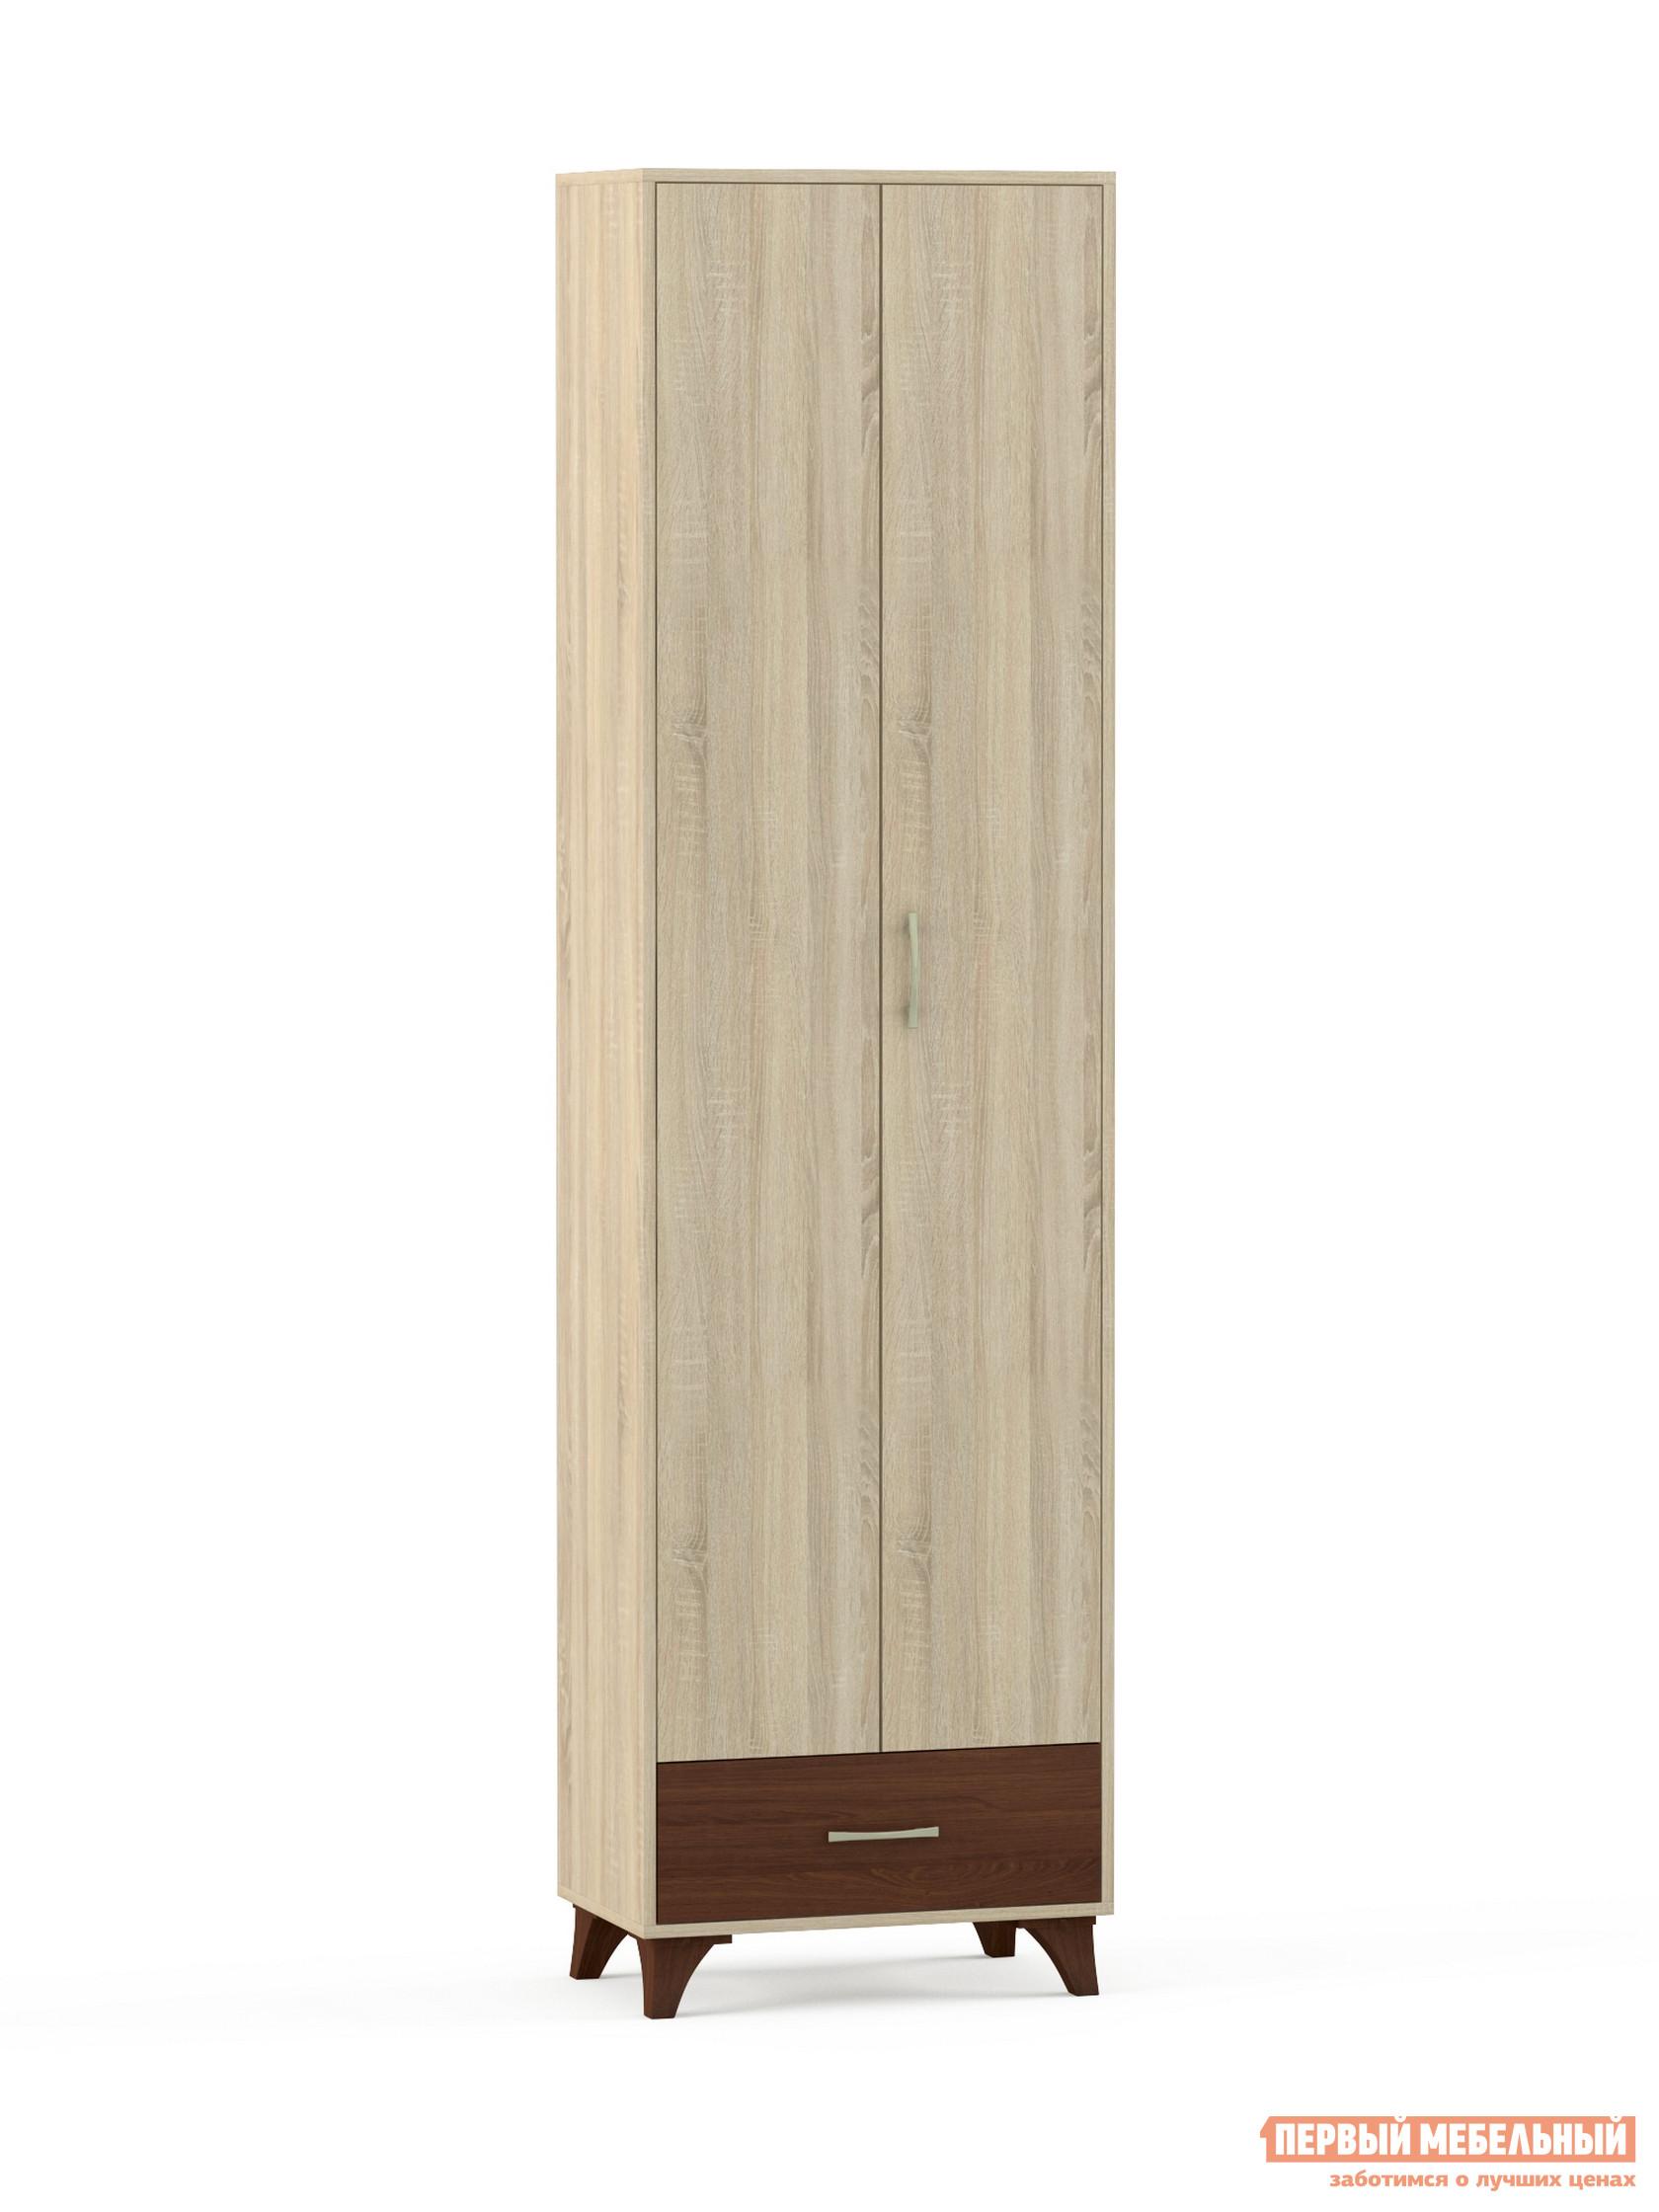 Шкаф распашной Первый Мебельный Келли Шкаф П